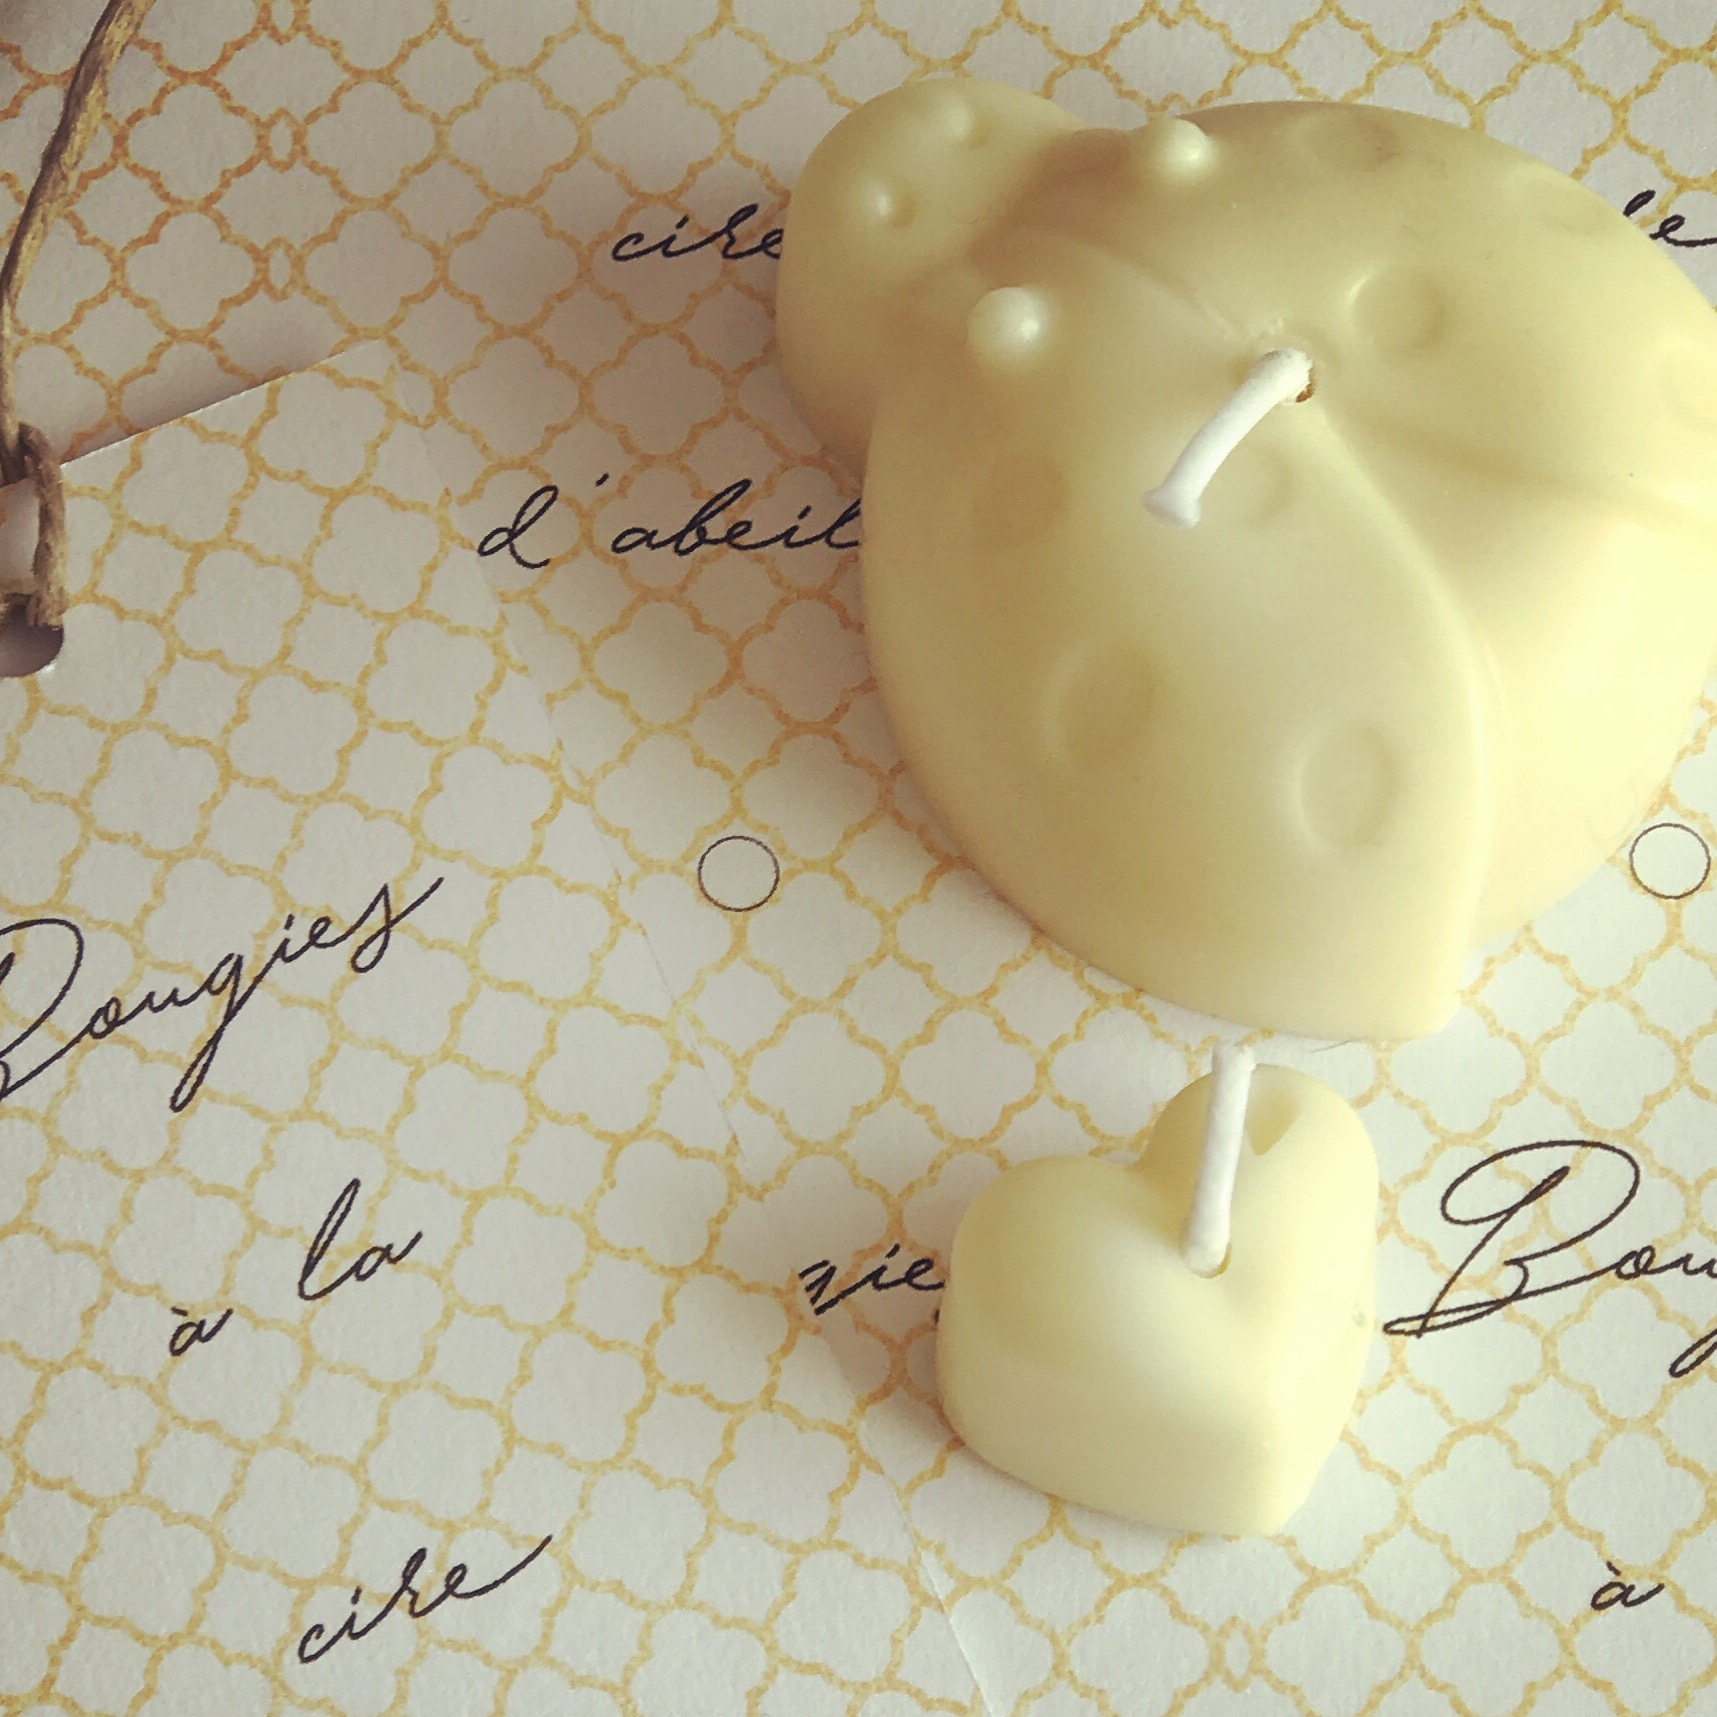 Bougies printanières à la cire d'abeille